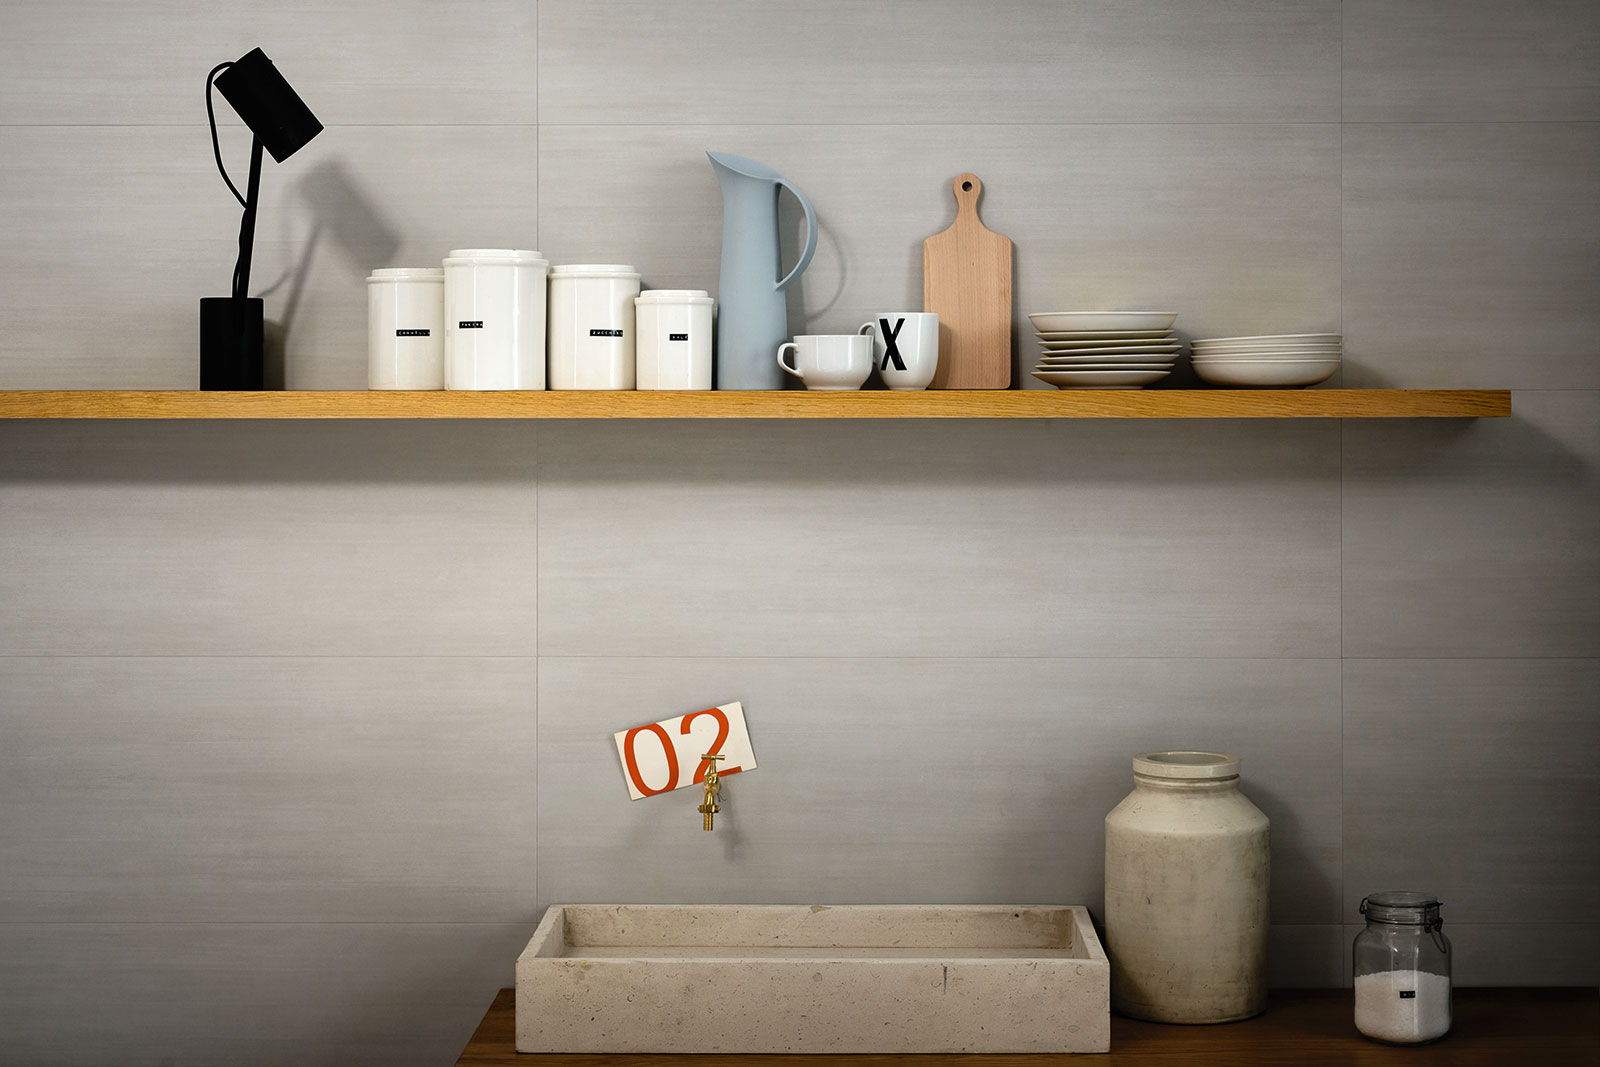 fliesen für die küche | marazzi - Fliesen Für Küche